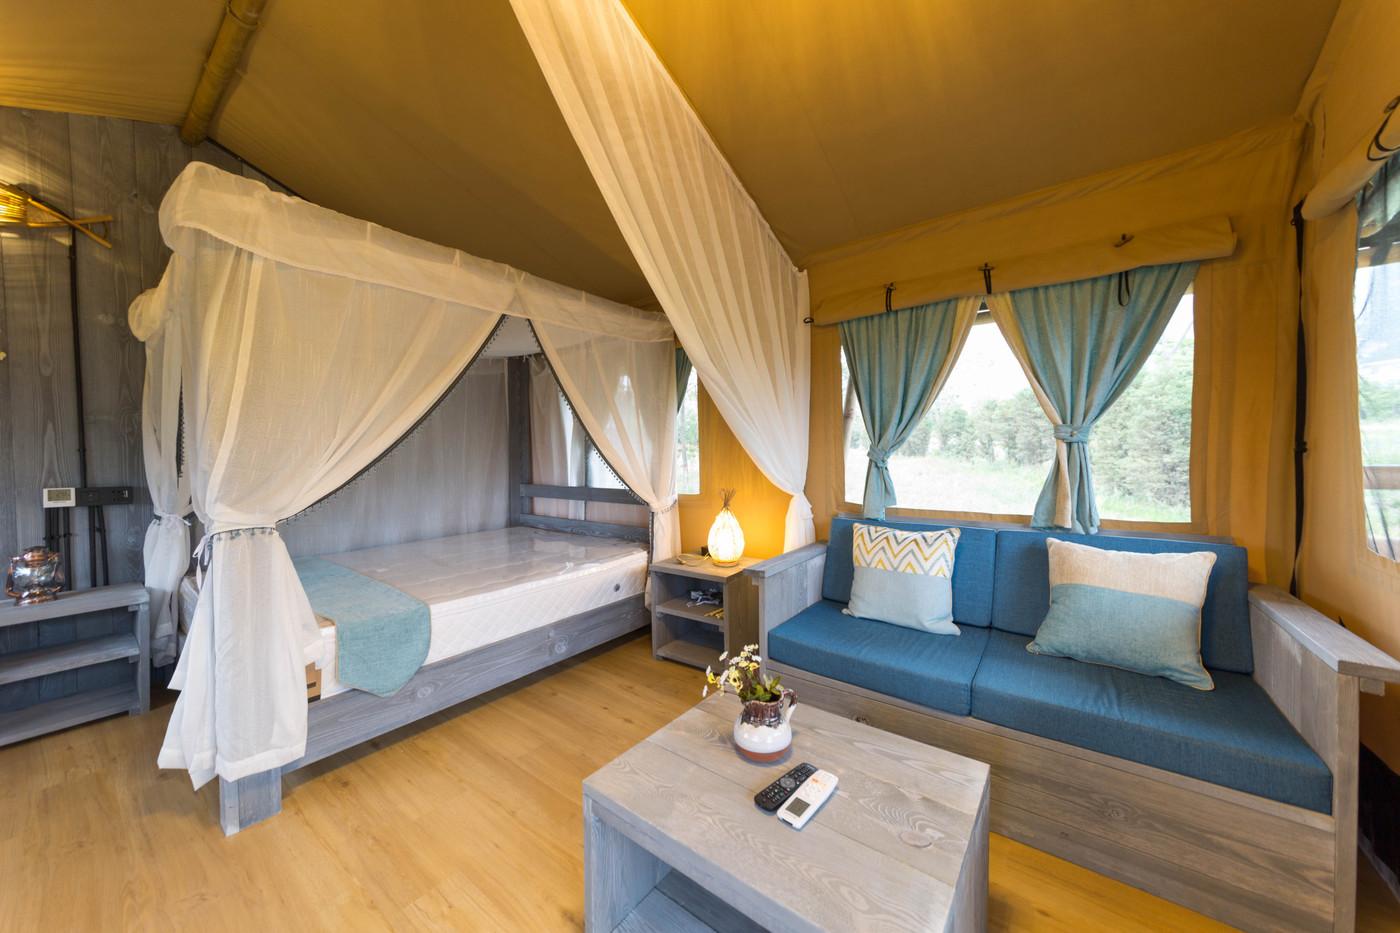 喜马拉雅野奢帐篷酒店—华山自驾游露营地(54平)21